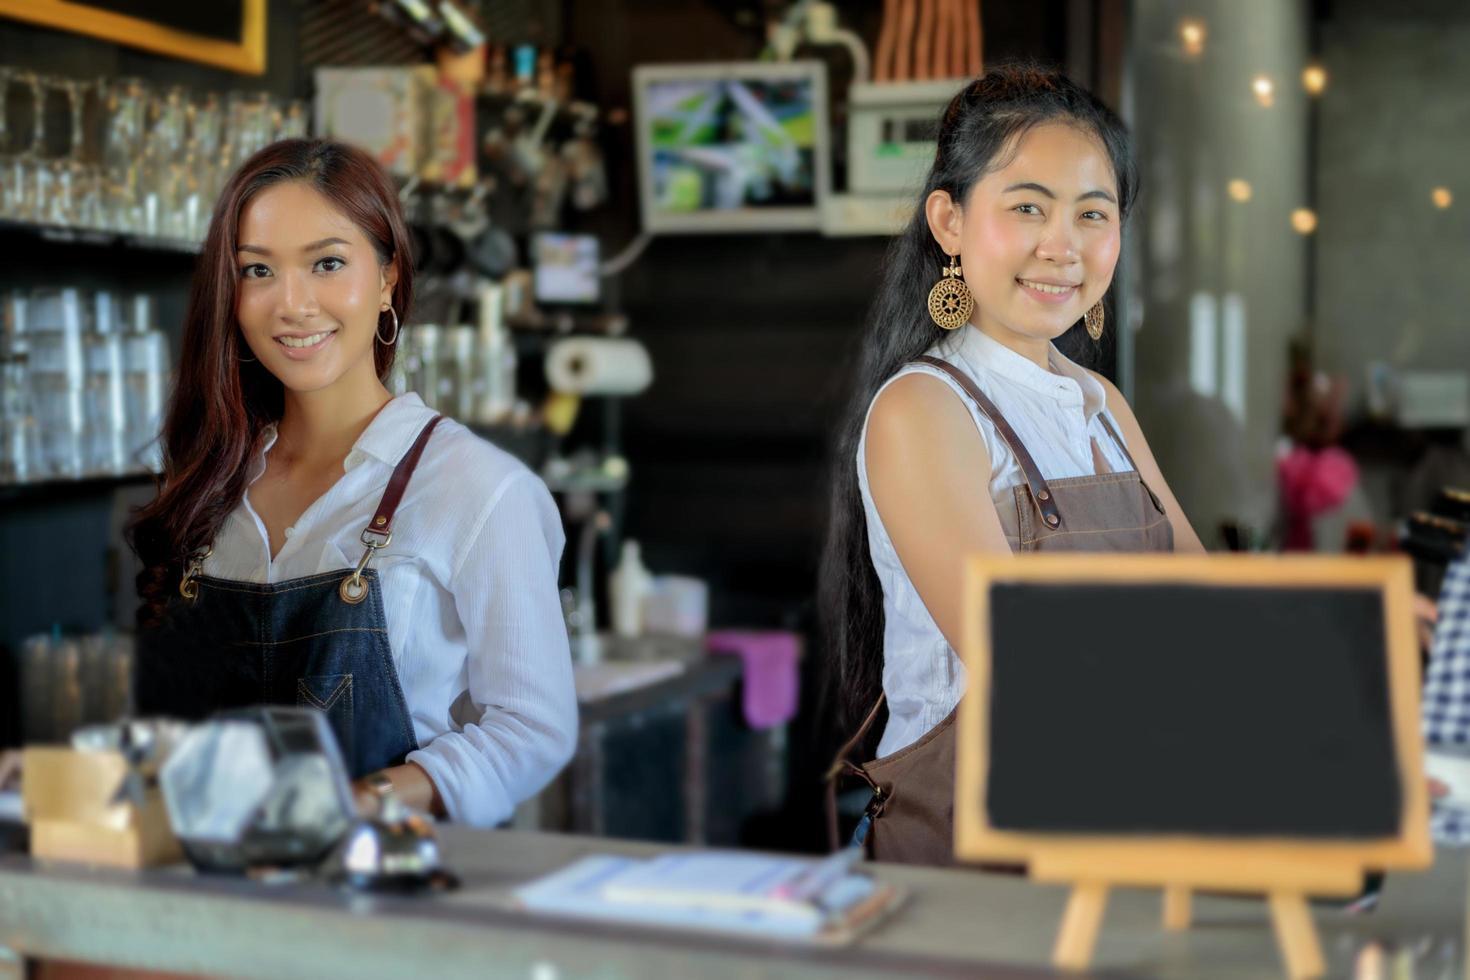 kvinnliga asiatiska baristor som ler bakom kafébänken foto